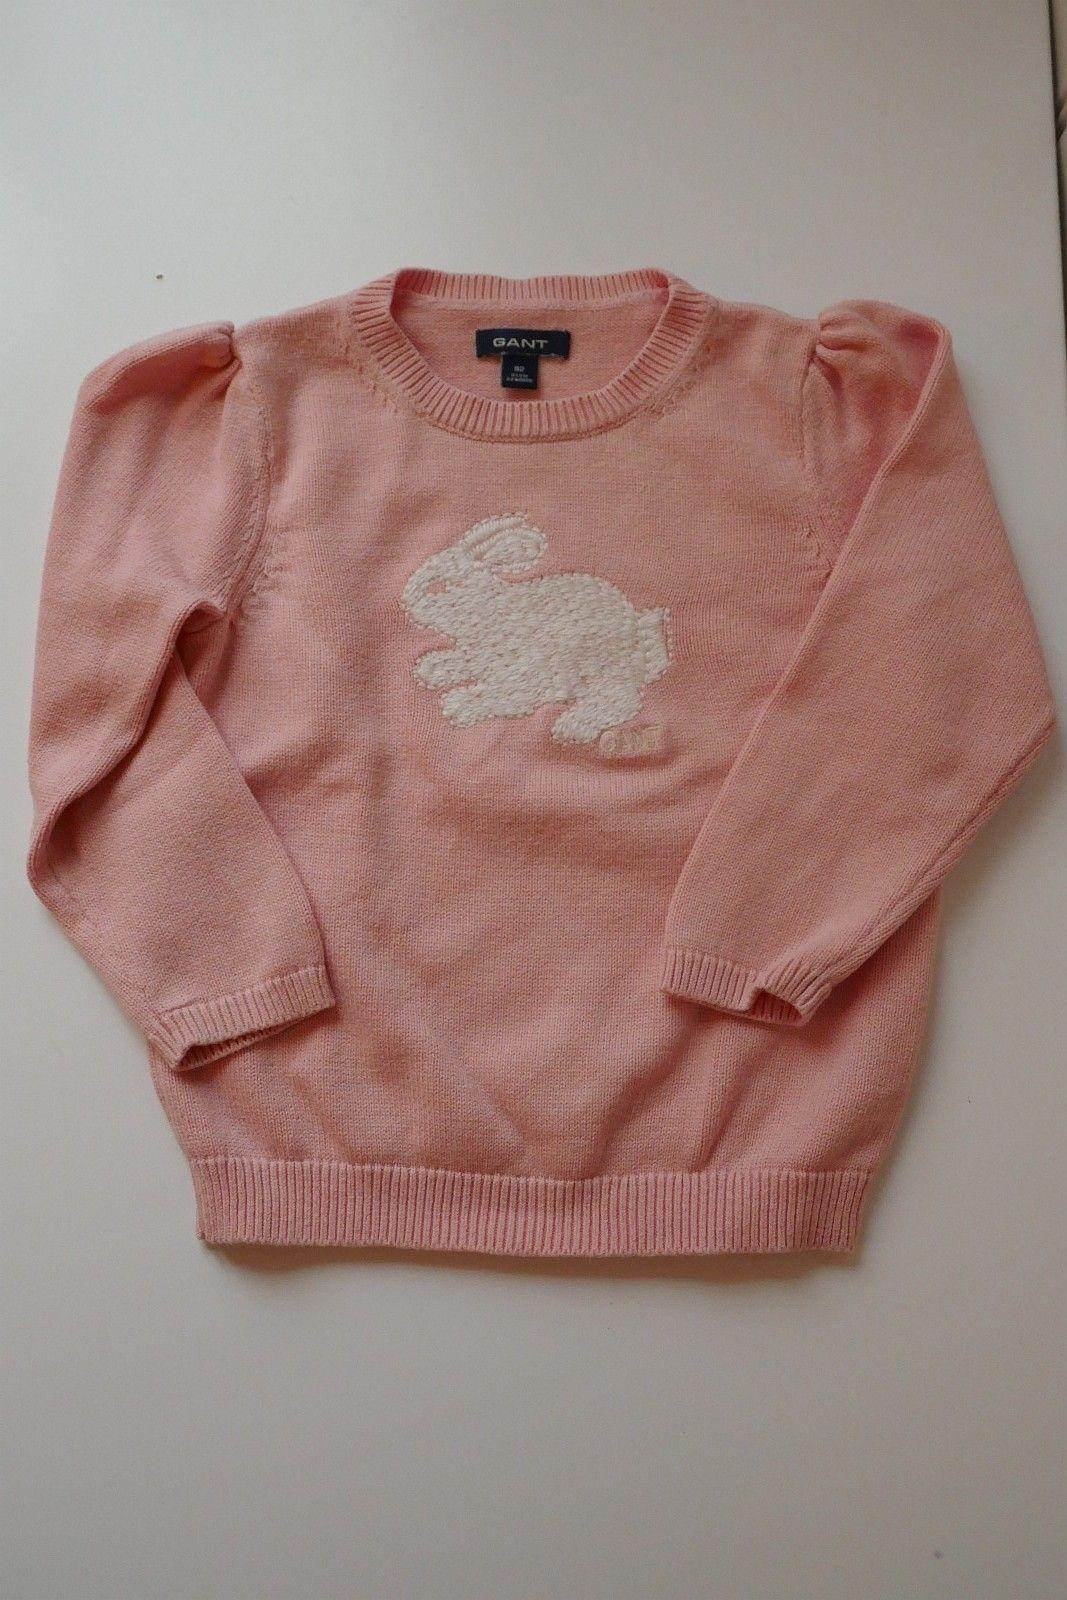 gant butikk trondheim, Rosa gant baby bukse jente 0 2 år